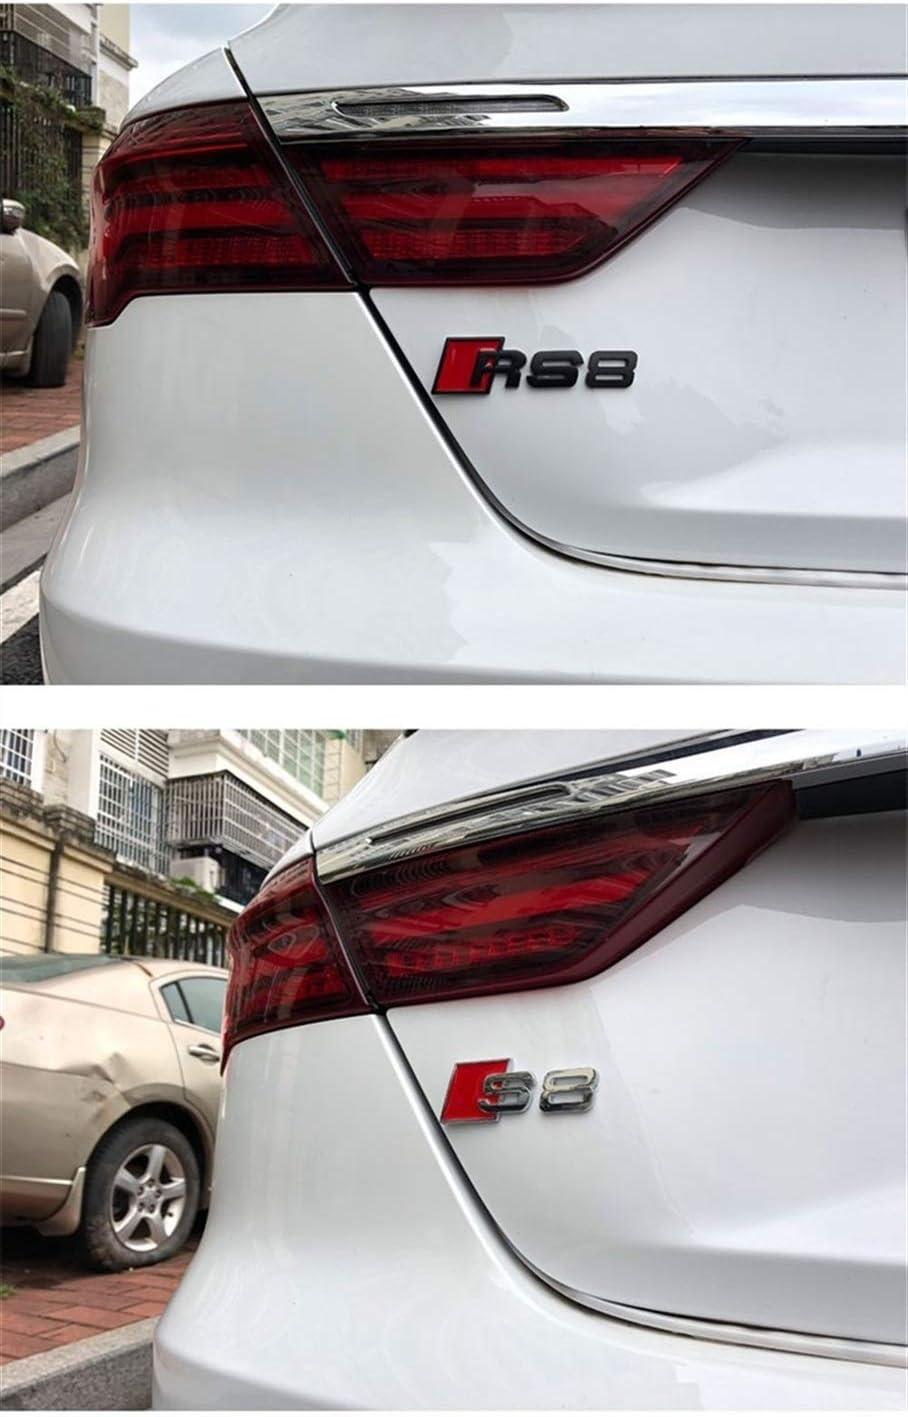 Car m/étal Autocollant Badge 3D Logo Emblem Trunk D/écoration Accessoires for A3 A4 A5 A6 S3 S4 S5 S6 S8 RS3 RS4 RS5 RS6 RS8 Color Name : RS3 Black